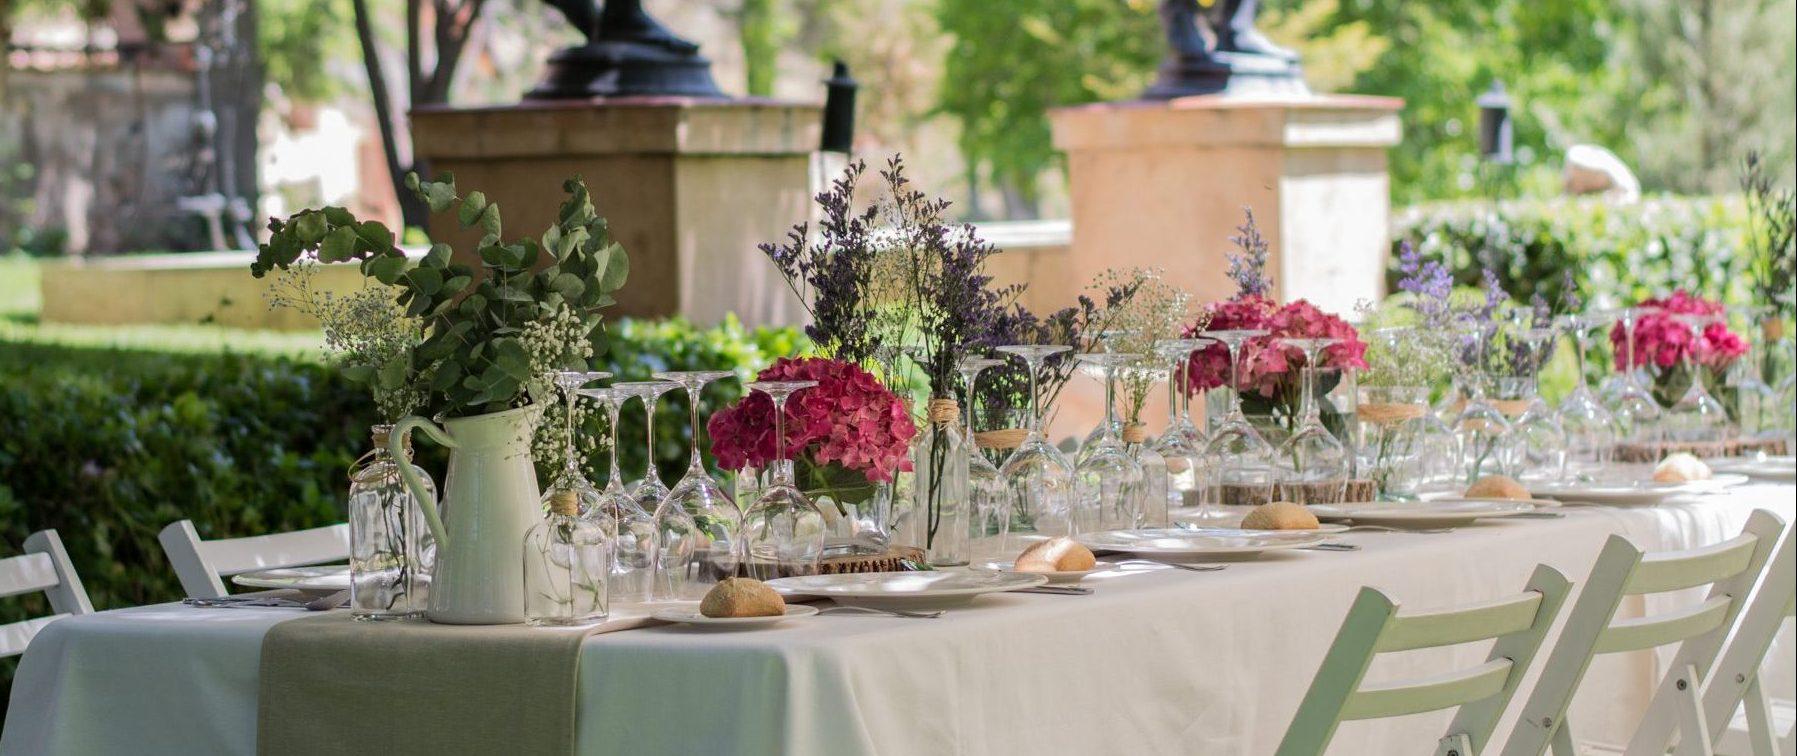 CARTA MENÚ PRECIOS CATERING mara catering almuerzo madrid evento corporativo organziación boda mesa servicio de catering